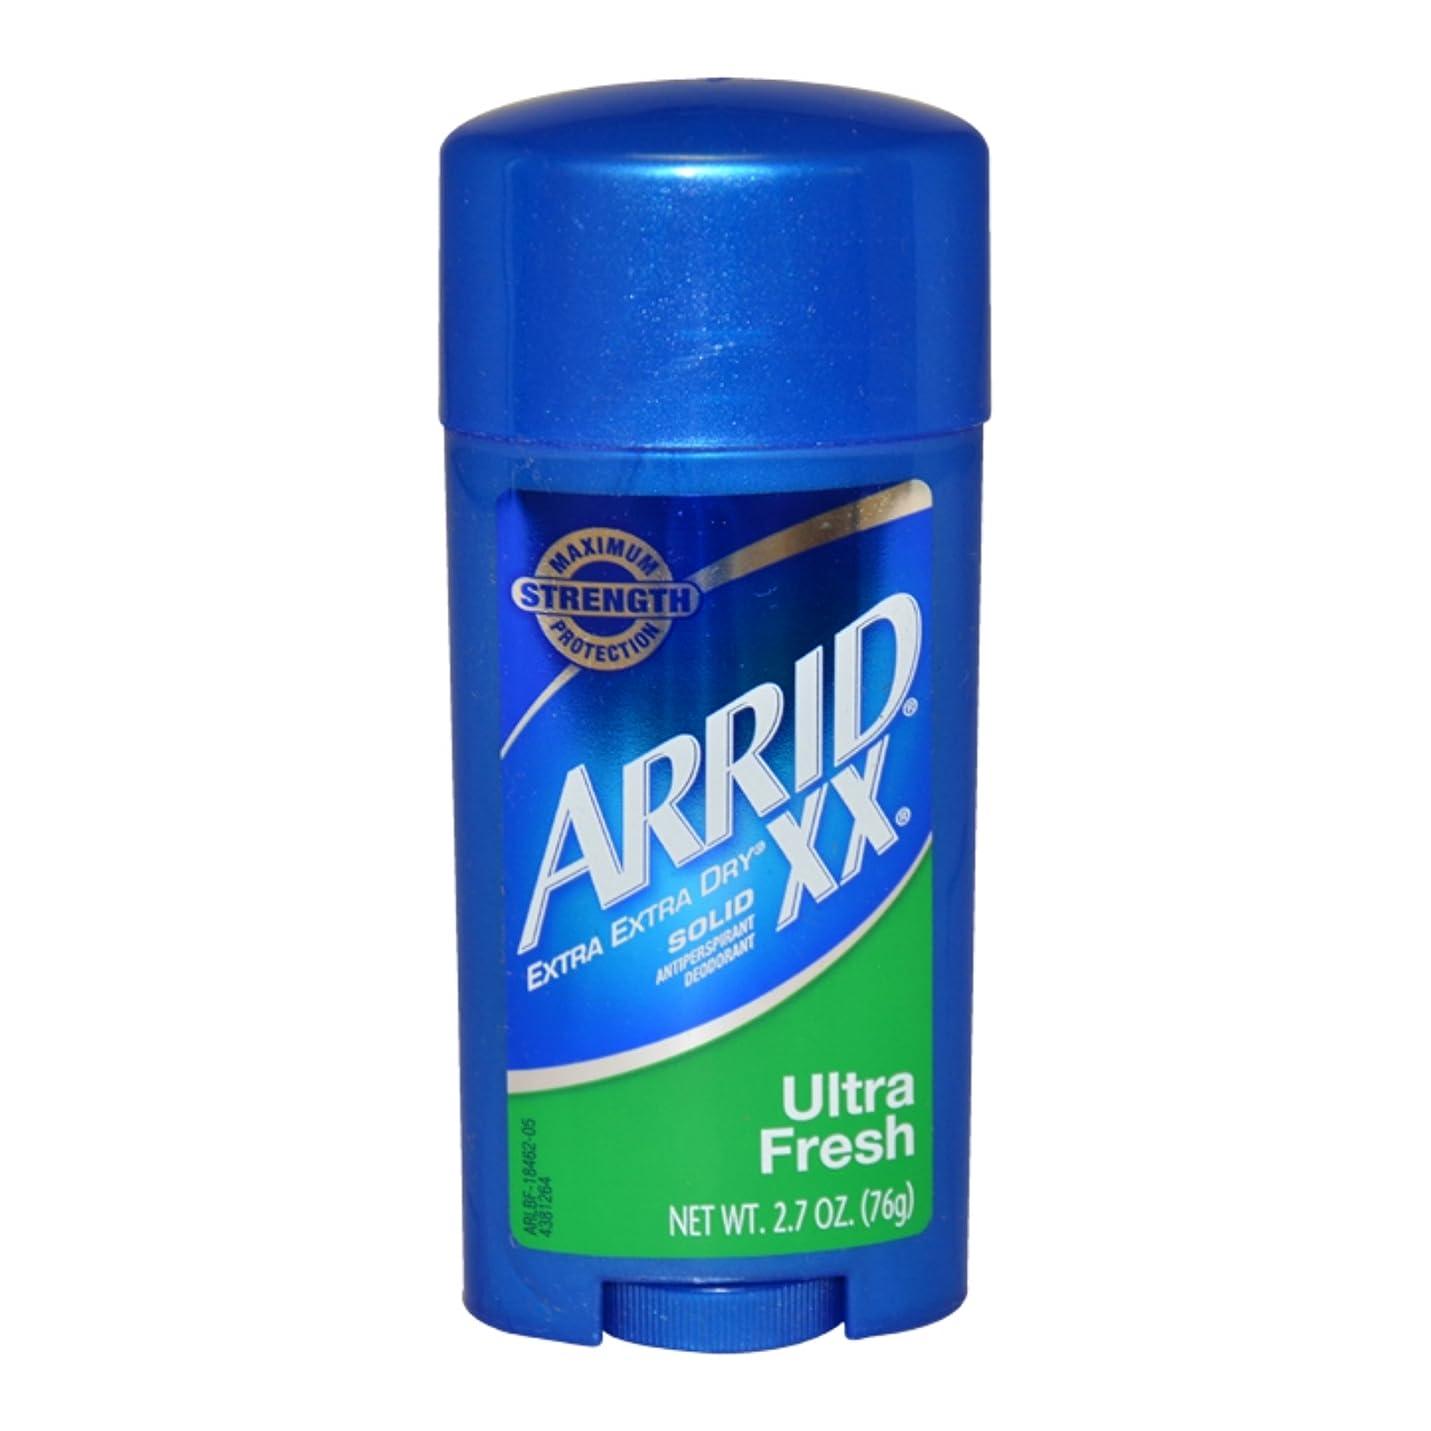 定義する若者プロペラArrid XX Antiperspirant Deodorant, Solid, Ultra Fresh - 2.7 oz (76 g) アリッド デオドラントソリッドウルトラフレッシュ [並行輸入品]